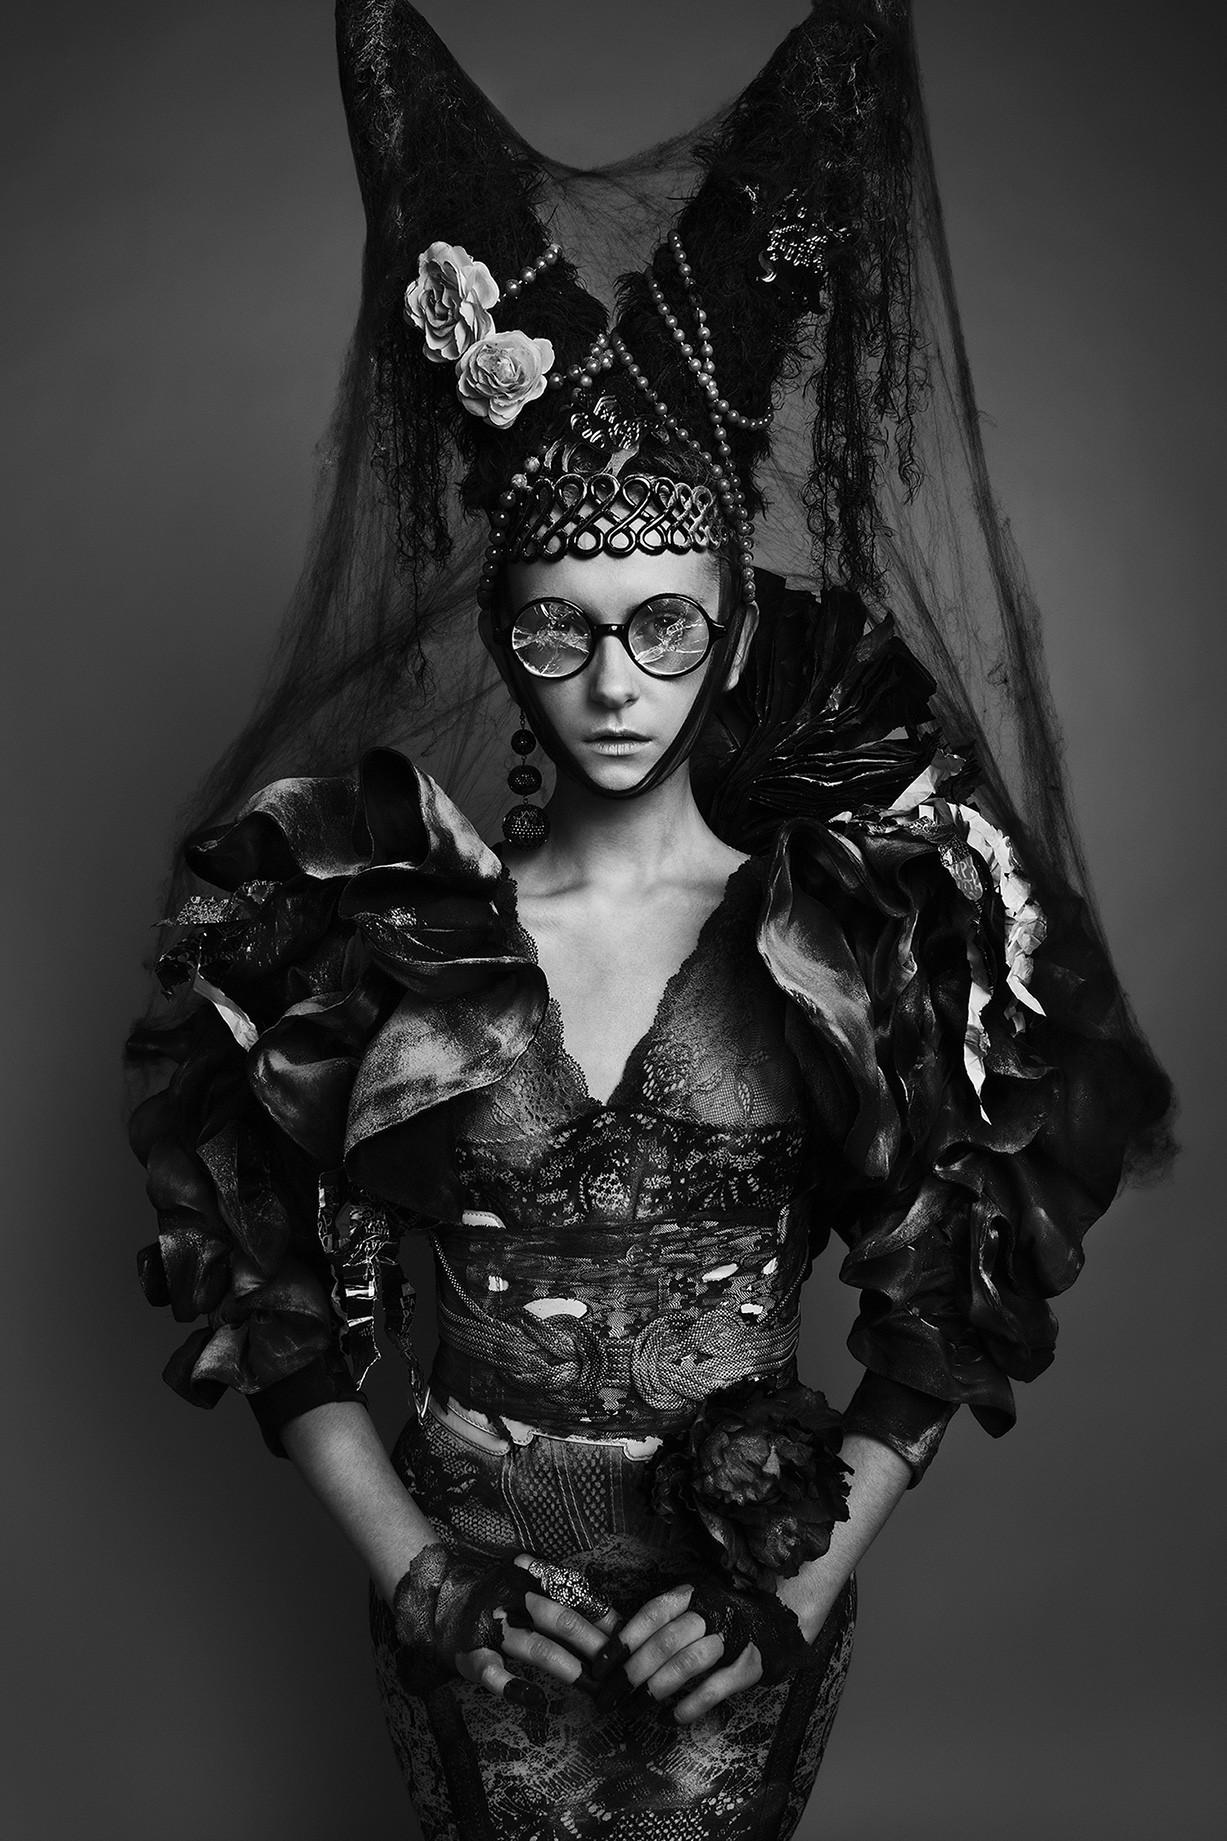 современные короли и королевы / King and Queens by Danil Golovkin